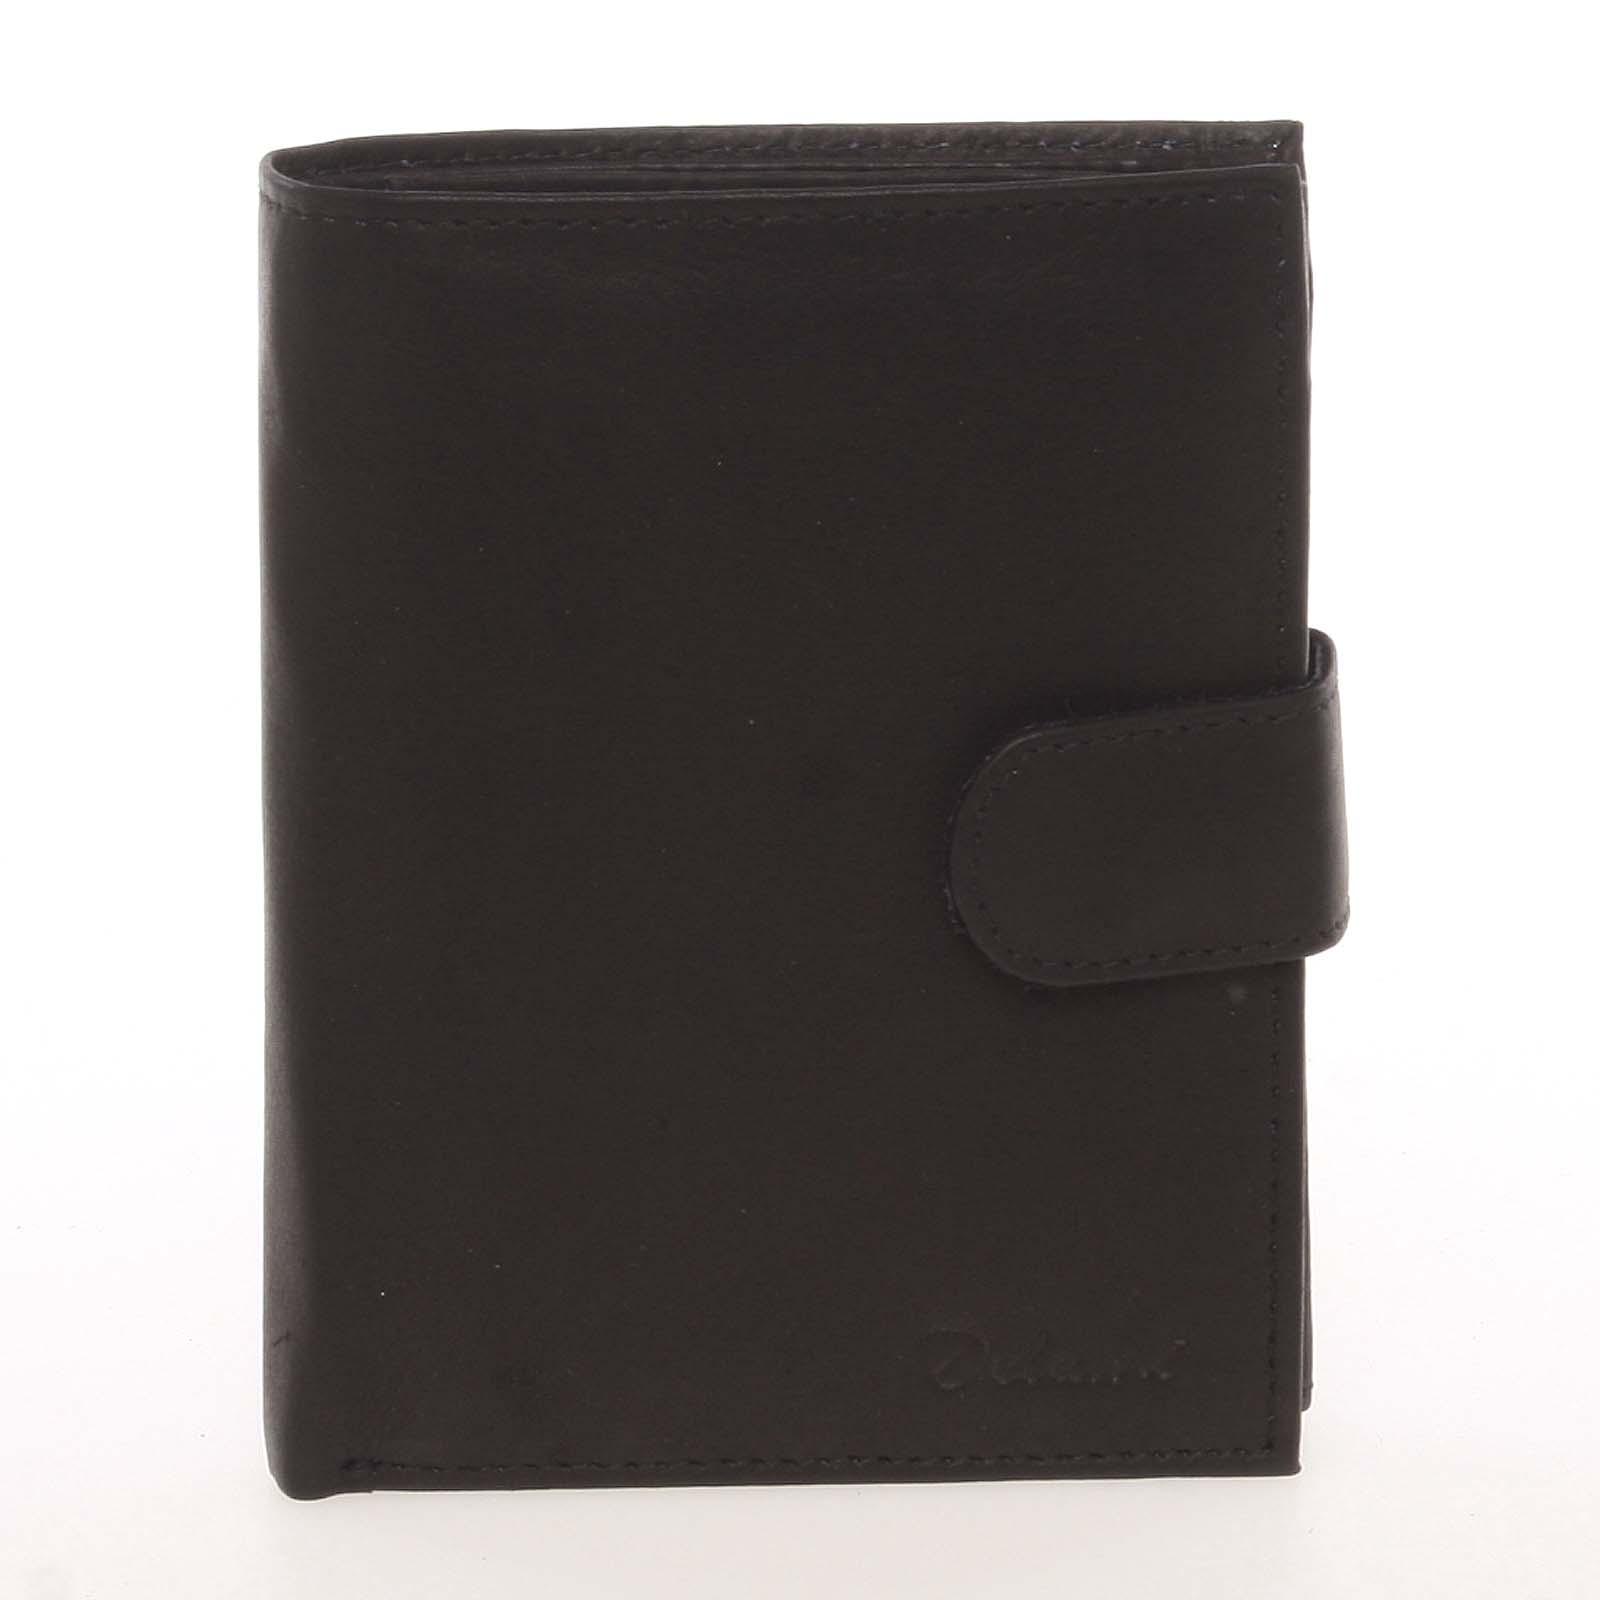 Módní pánská kožená černá peněženka - Delami Chappel černá